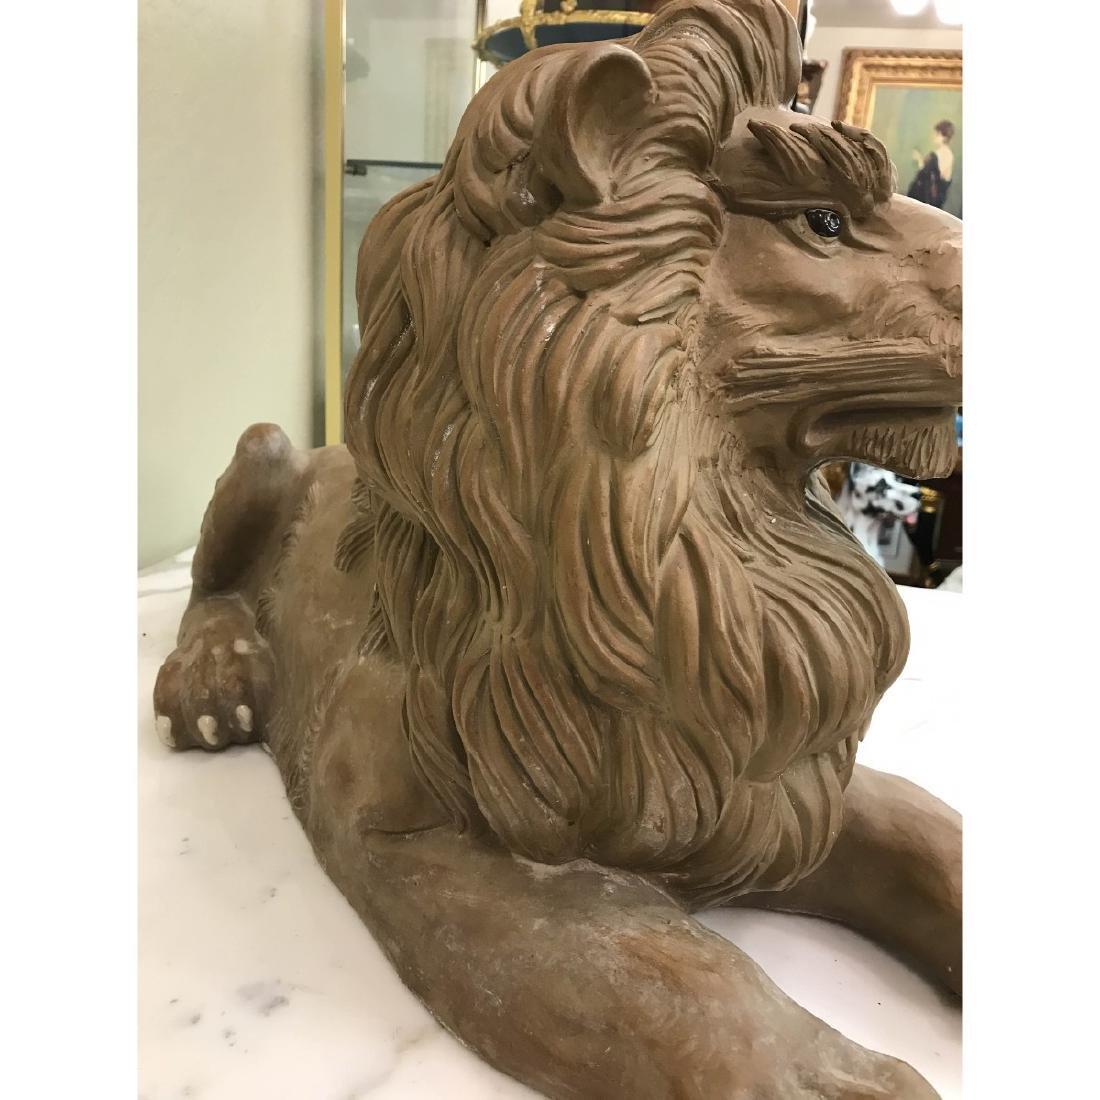 Unique Pair of Clay Lions - 10